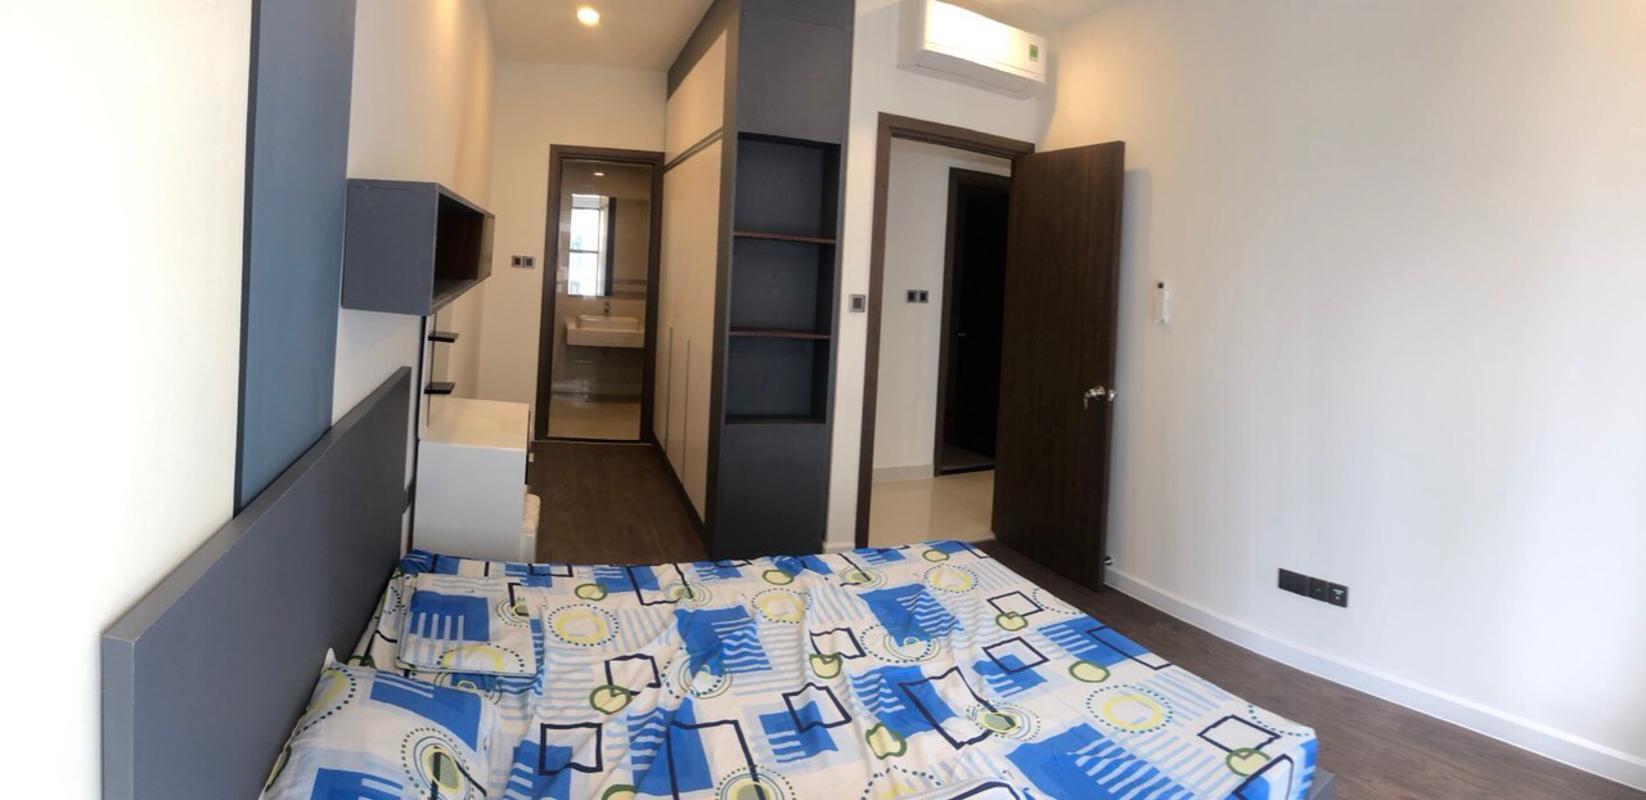 3e3dec831078f726ae69 Cho thuê căn hộ Saigon Royal 2PN, tầng 21, tháp A, diện tích 80m2, đầy đủ nội thất, hướng Đông Bắc